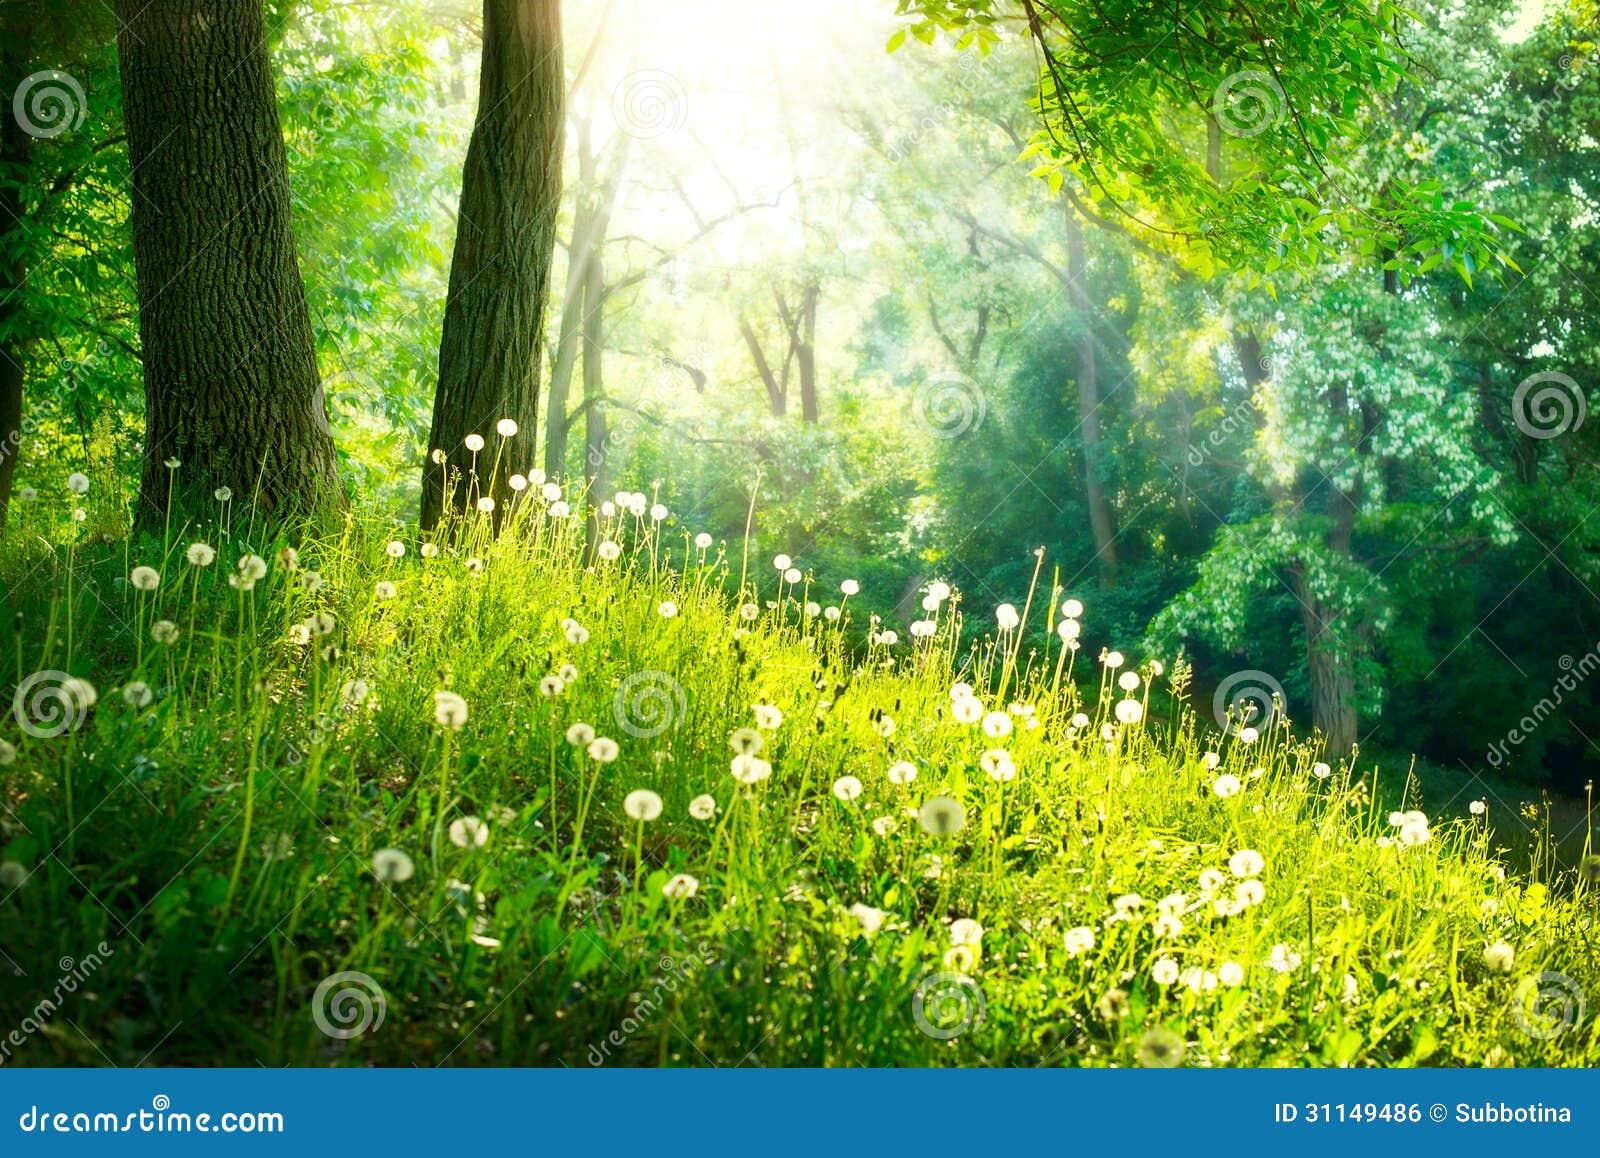 Ландшафт. Зеленая трава и деревья